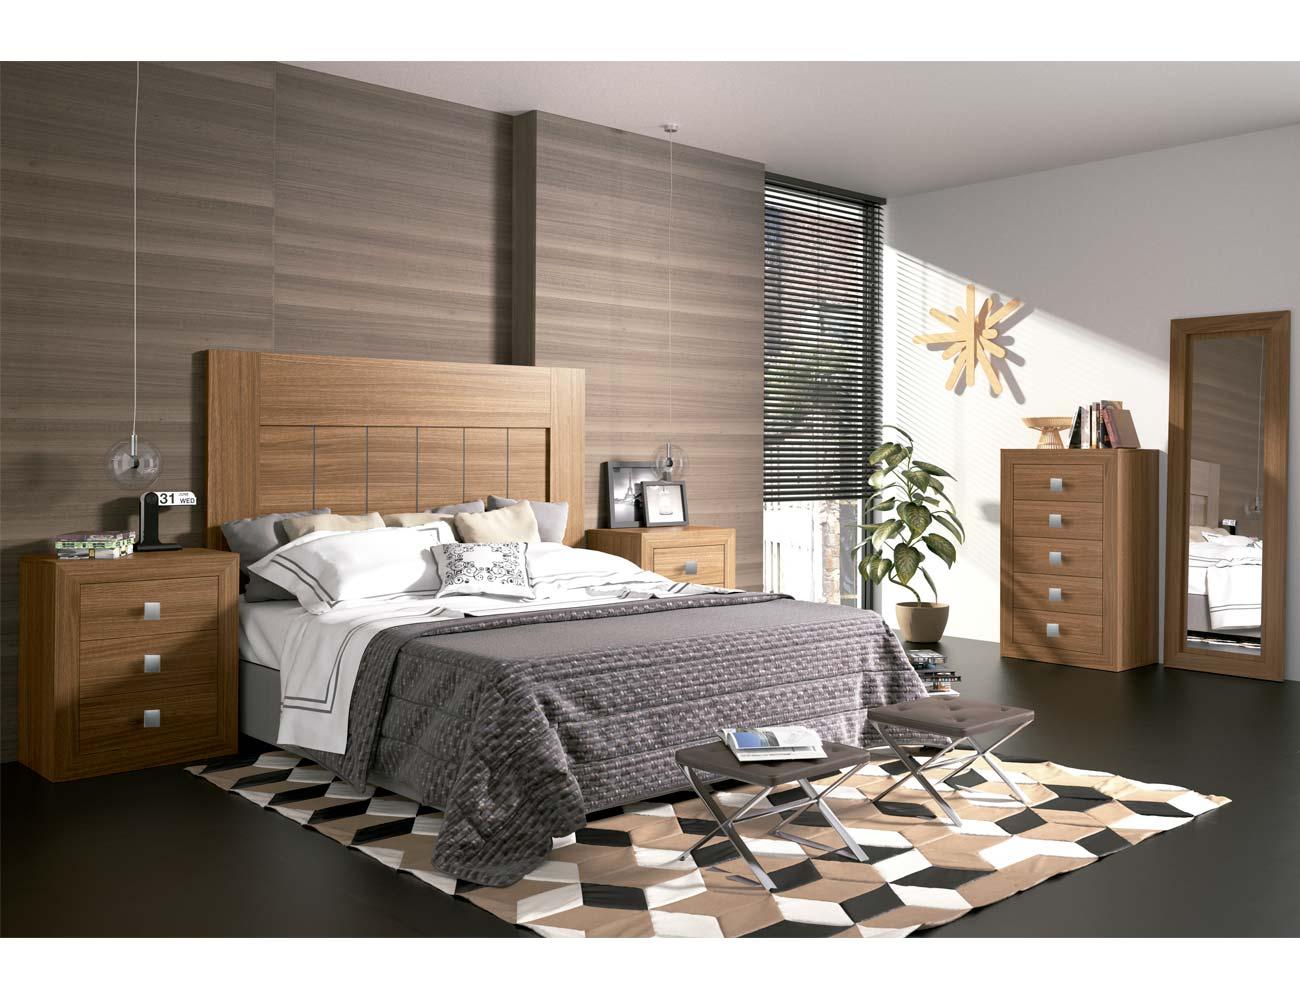 Dormitorio matrimonio moderno 05 color nogal